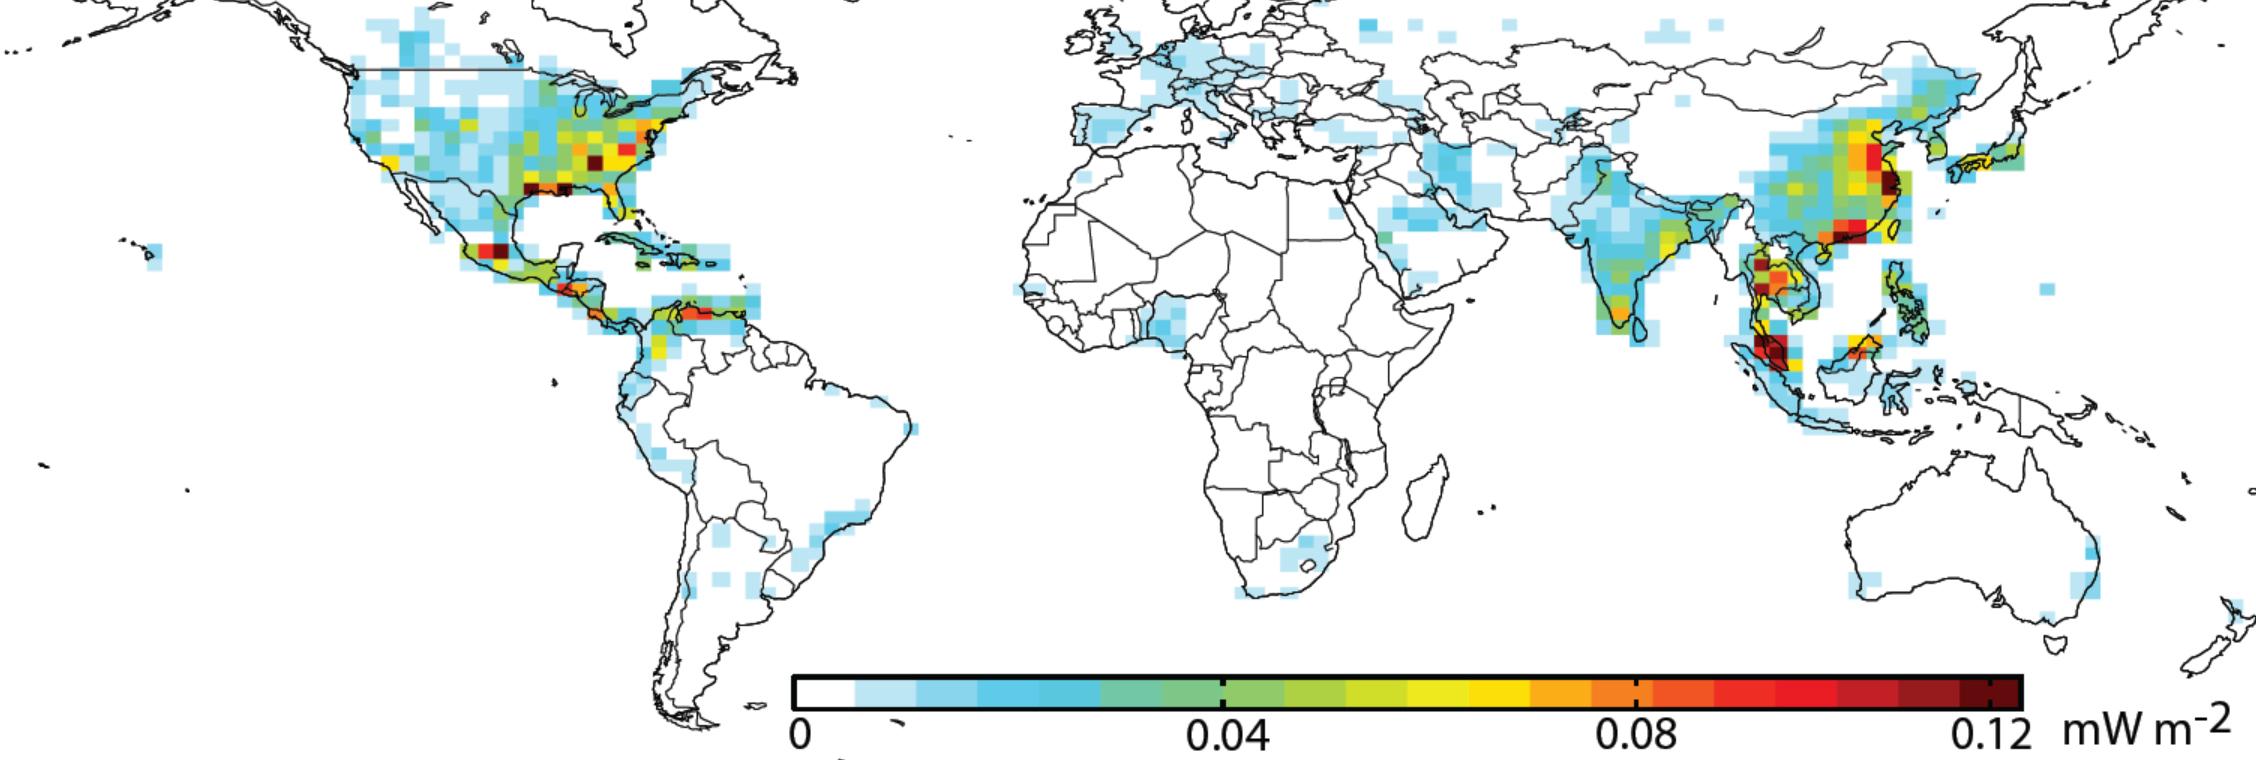 NASA Ozone Study May Benefit Air Standards, Climate | NASA